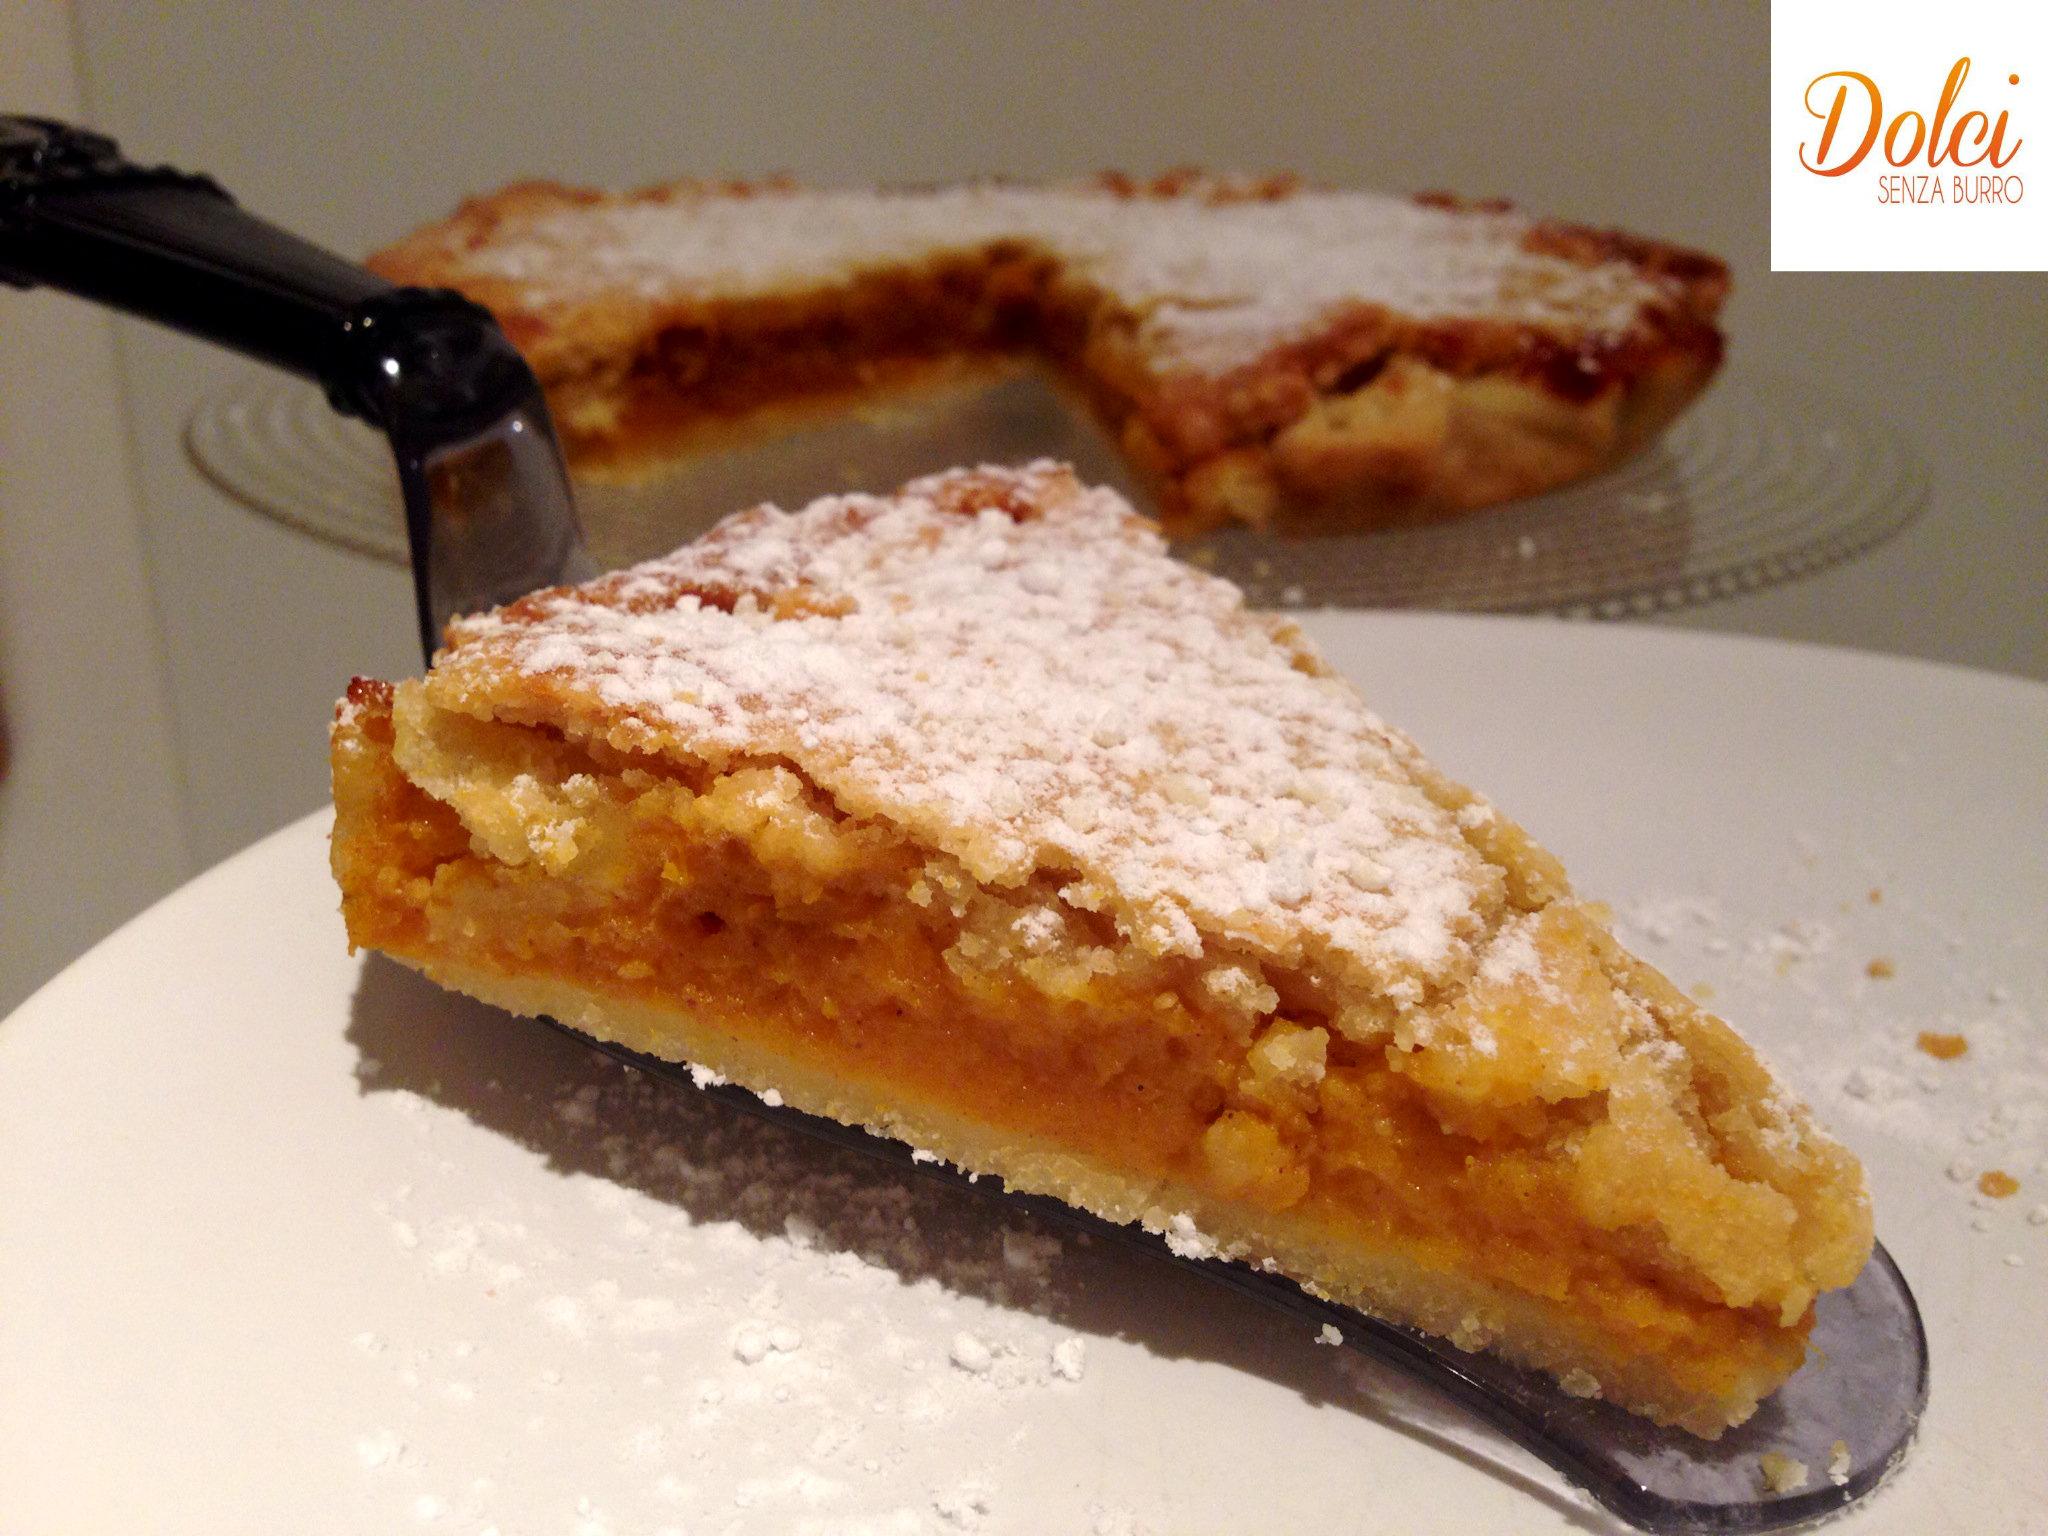 Pumpkin Pie Senza Burro, la torta di zucca senza lattosio e uova di dolci senza burro